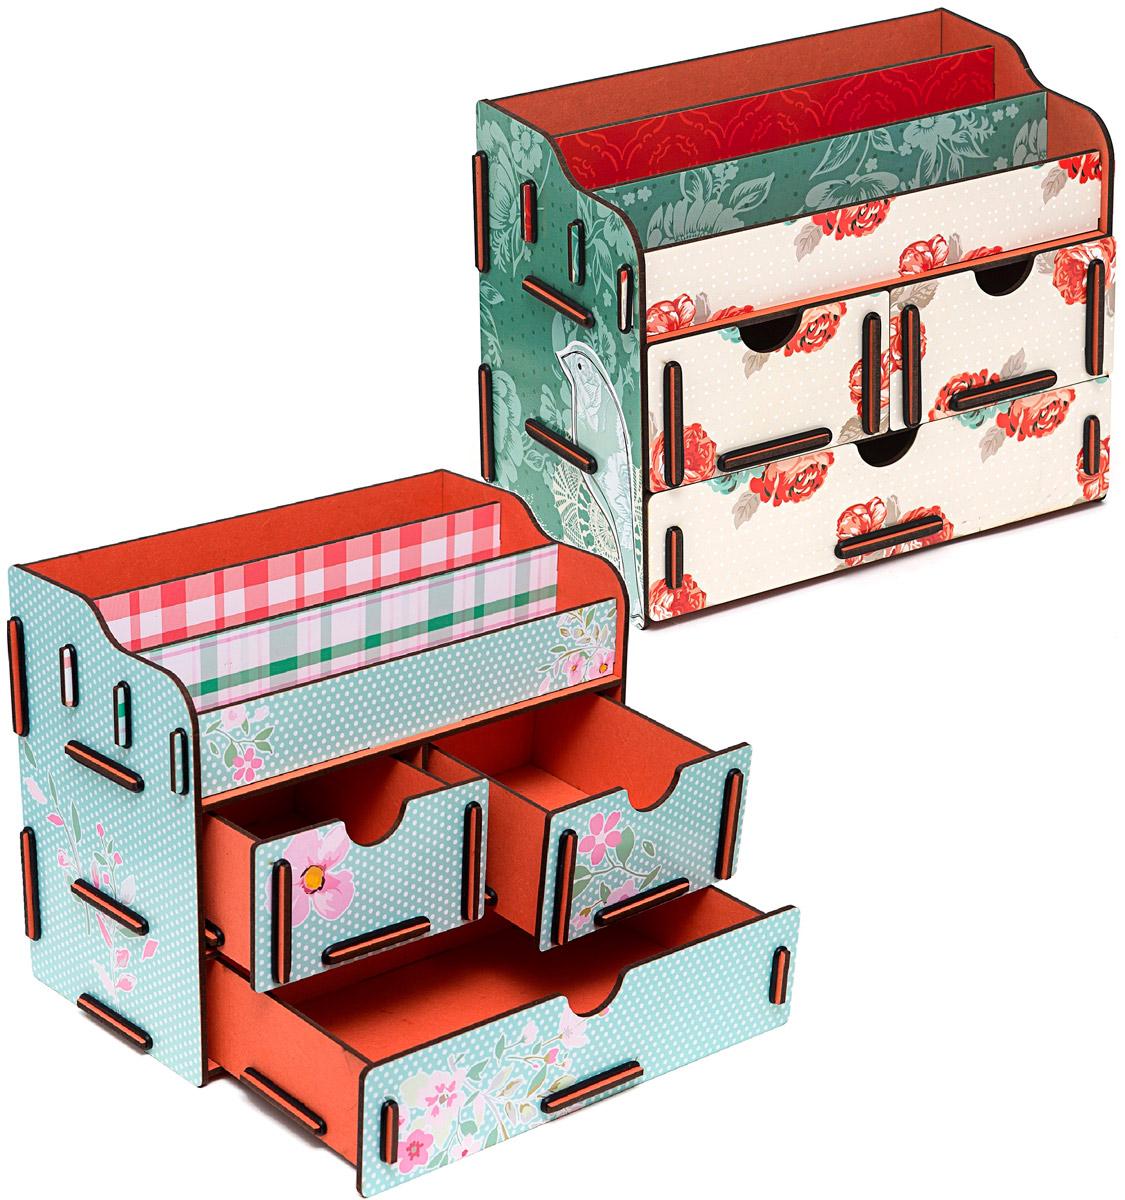 Набор шкатулок Homsu Аромат весенних цветов, для украшений, 2 штFS-80299Этот комплект из оригинальных сундучков имеет множество полочек сверху для хранения косметики, парфюмерии и аксессуаров, а также два маленьких ящичка размером 11см на 14,5см и один большой ящик размером 22см на 14,5см, которые позволят разместить в них все самое необходимое и сокровенное для каждой женщины. Шкатулочки можно поставить на стол, они станут отличным дополнением интерьера. 240х140х190; 240х140х190